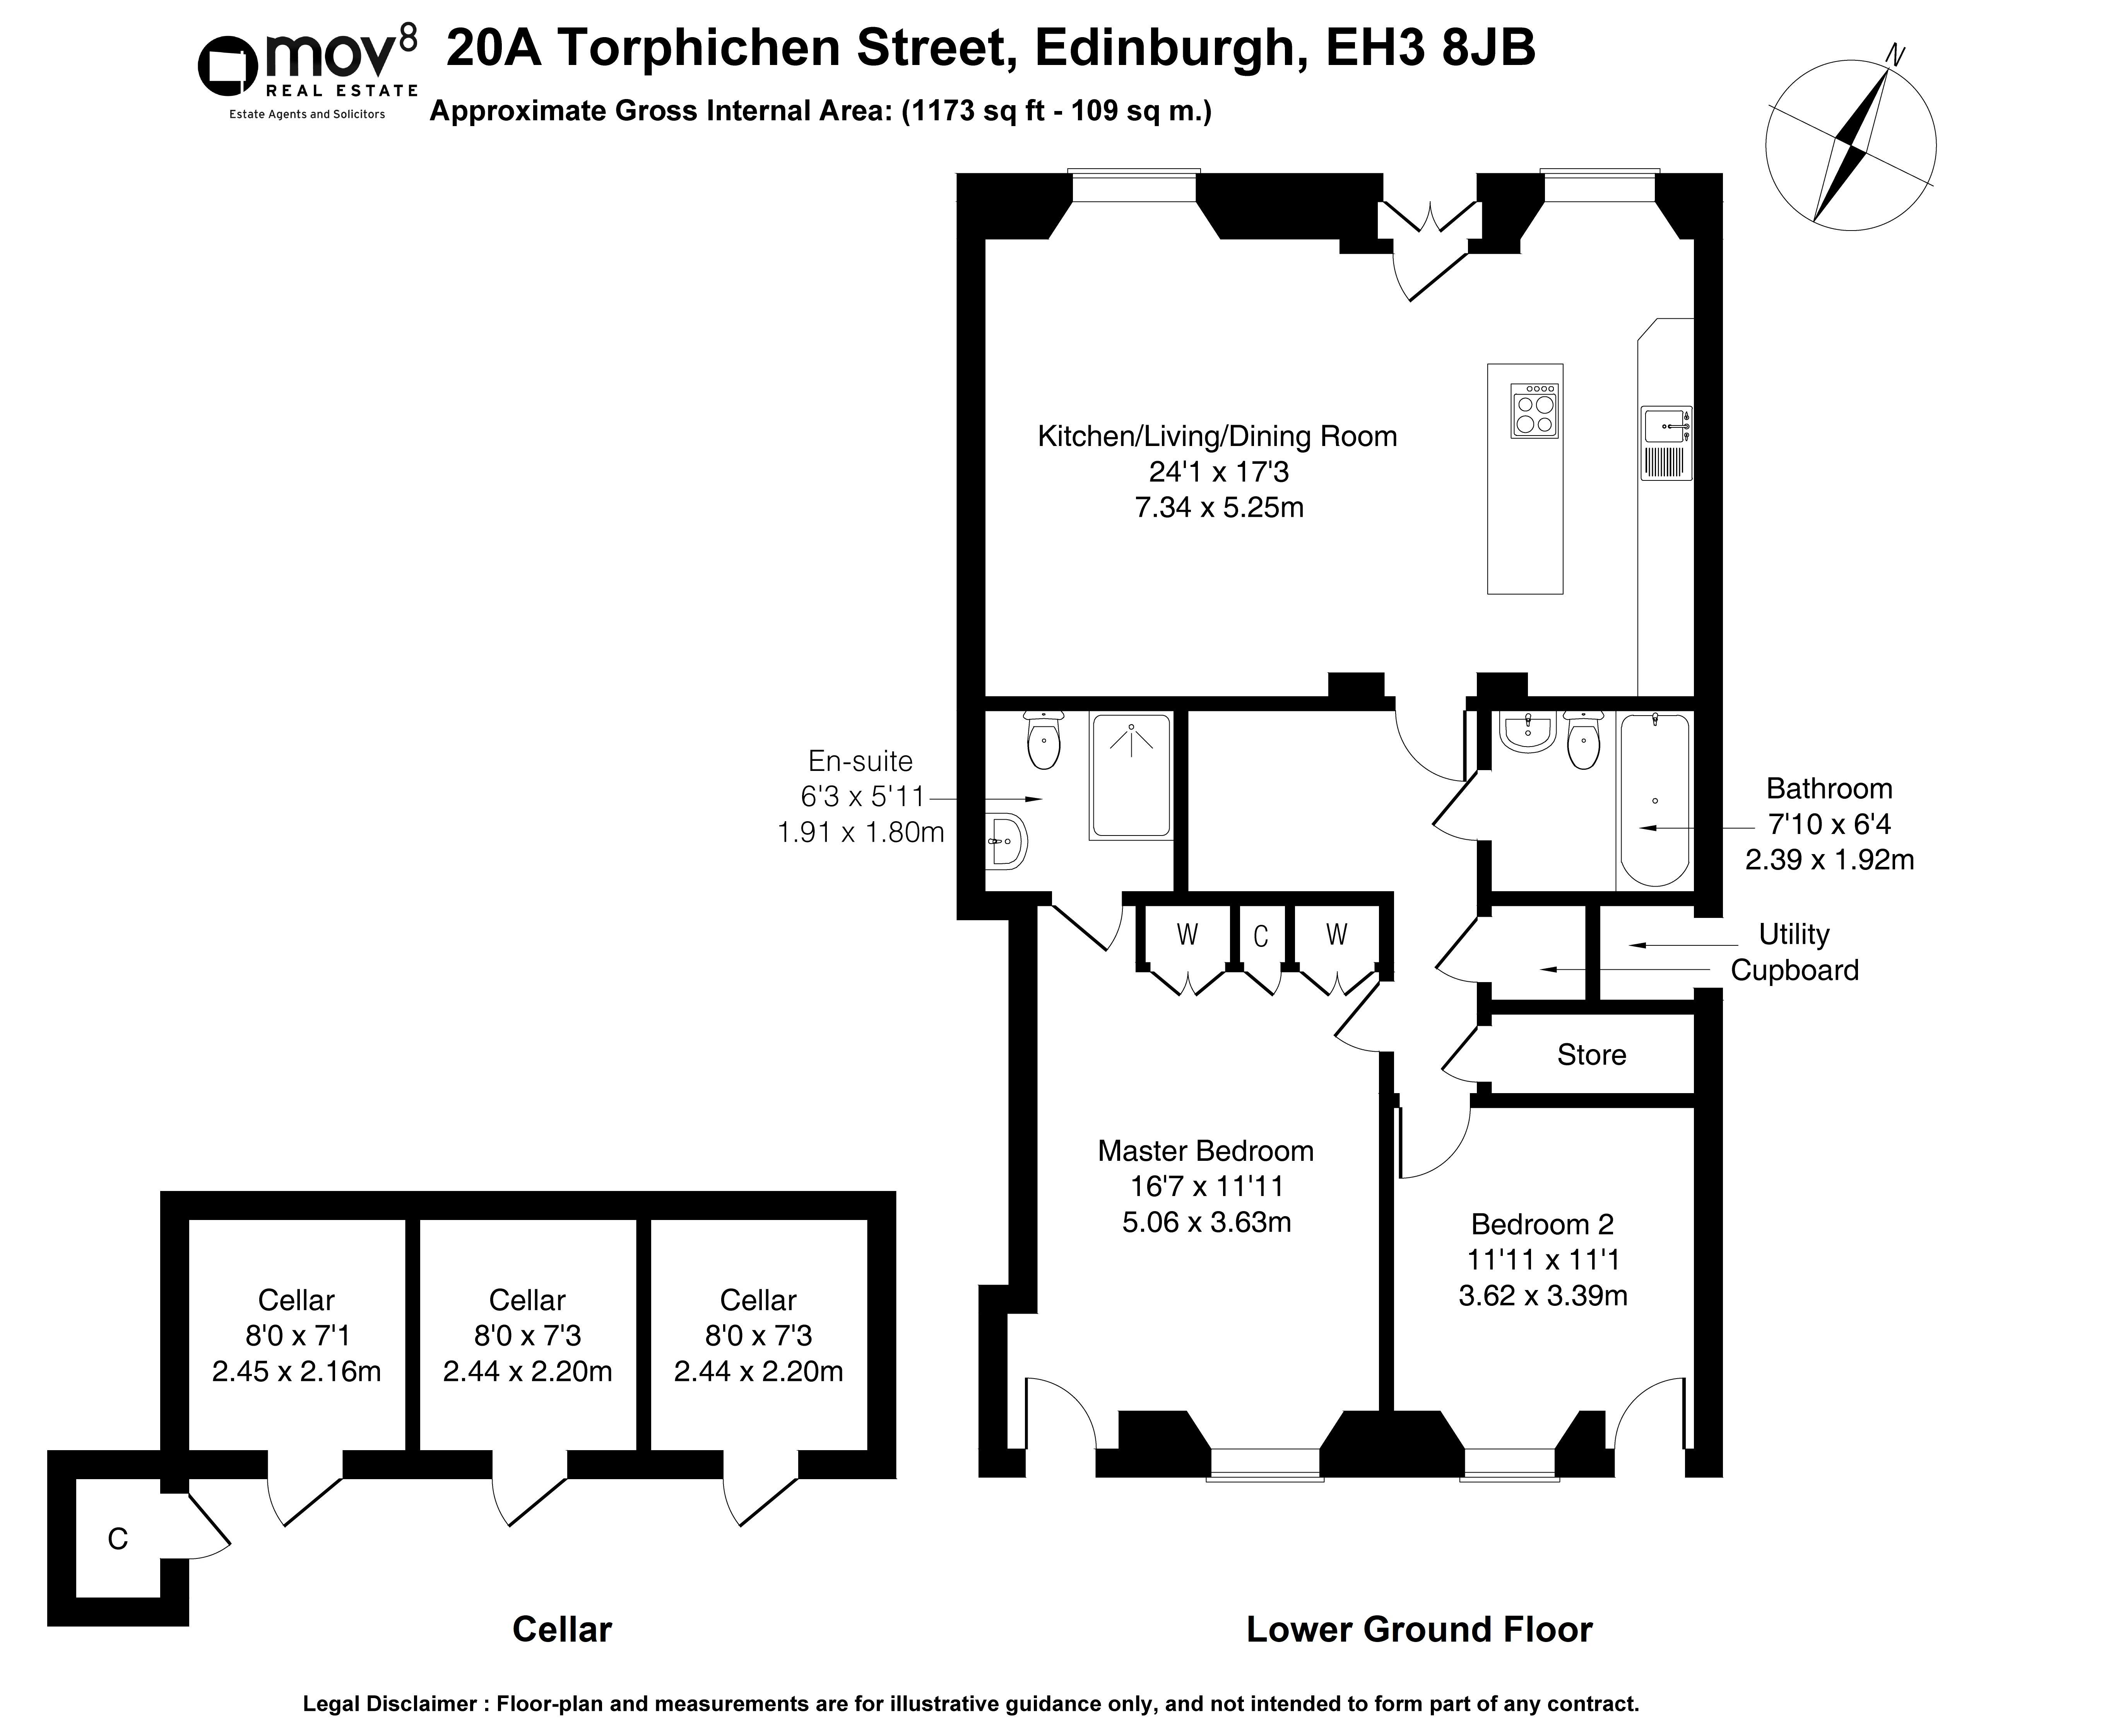 Floorplan 1 of 20a Torphichen Street, West End, Edinburgh, EH3 8JB